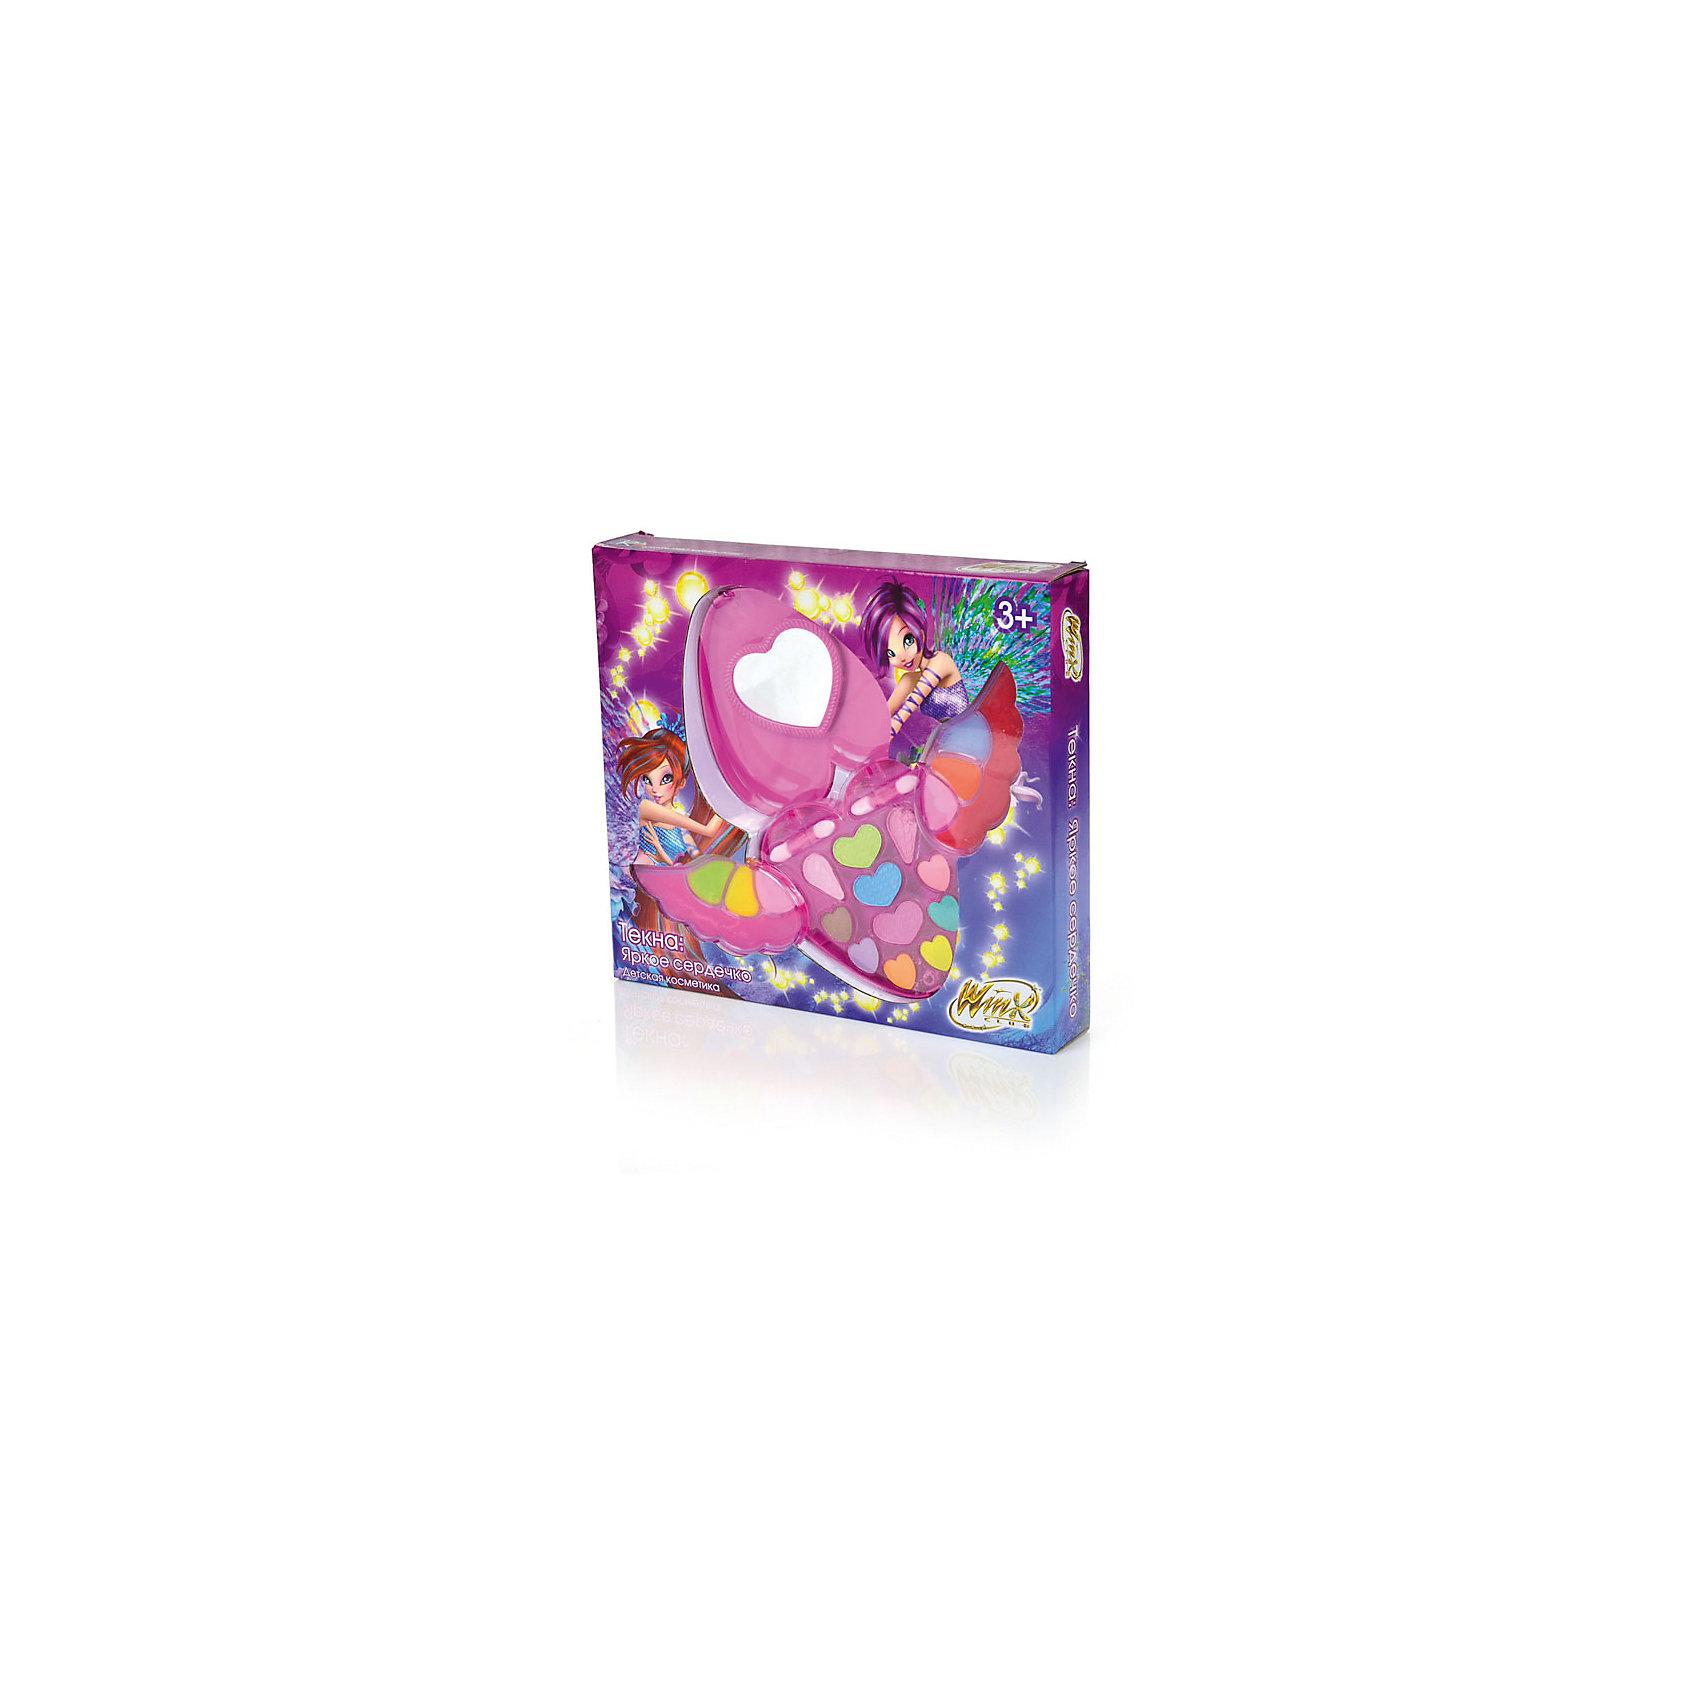 Набор детской косметики Текна: Яркое сердечко, Winx CLubПопулярные игрушки<br>Набор детской косметики Текна: Яркое сердечко, Winx CLub<br><br>Характеристики:<br><br>• яркие цвета<br>• удобная упаковка<br>• хорошо наносится<br>• легко смывается<br>• безопасна для детской кожи<br>• в комплекте: тени для век, блеск для губ, аппликатор (2 шт.)<br>• размер упаковки: 4,6х25,2х28 см<br>• вес: 260 грамм<br><br>В набор детской косметики Текна: яркое сердечко входят тени для век, блеск для губ и два аппликатора. С их помощью девочка сможет создать красивый макияж в стиле Винкс. Косметика легко наносится на кожу и хорошо смывается водой. Продукция отличается высоким качеством, гарантирующим безопасность ребенка. Создайте яркий образ вместе с феями Винкс!<br><br>Набор детской косметики Текна: Яркое сердечко, Winx CLub можно купить в нашем интернет-магазине.<br><br>Ширина мм: 280<br>Глубина мм: 252<br>Высота мм: 46<br>Вес г: 260<br>Возраст от месяцев: 36<br>Возраст до месяцев: 72<br>Пол: Женский<br>Возраст: Детский<br>SKU: 5379339